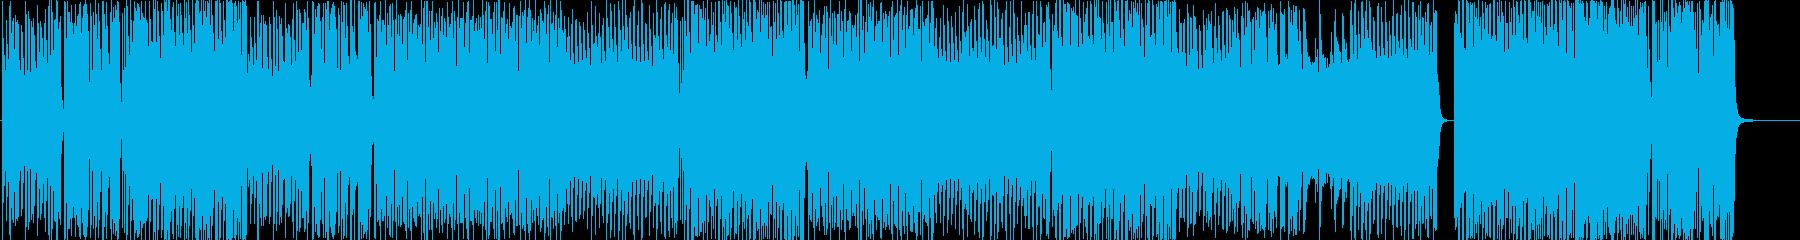 シンセ色の強いデジタルな和風ロックの再生済みの波形